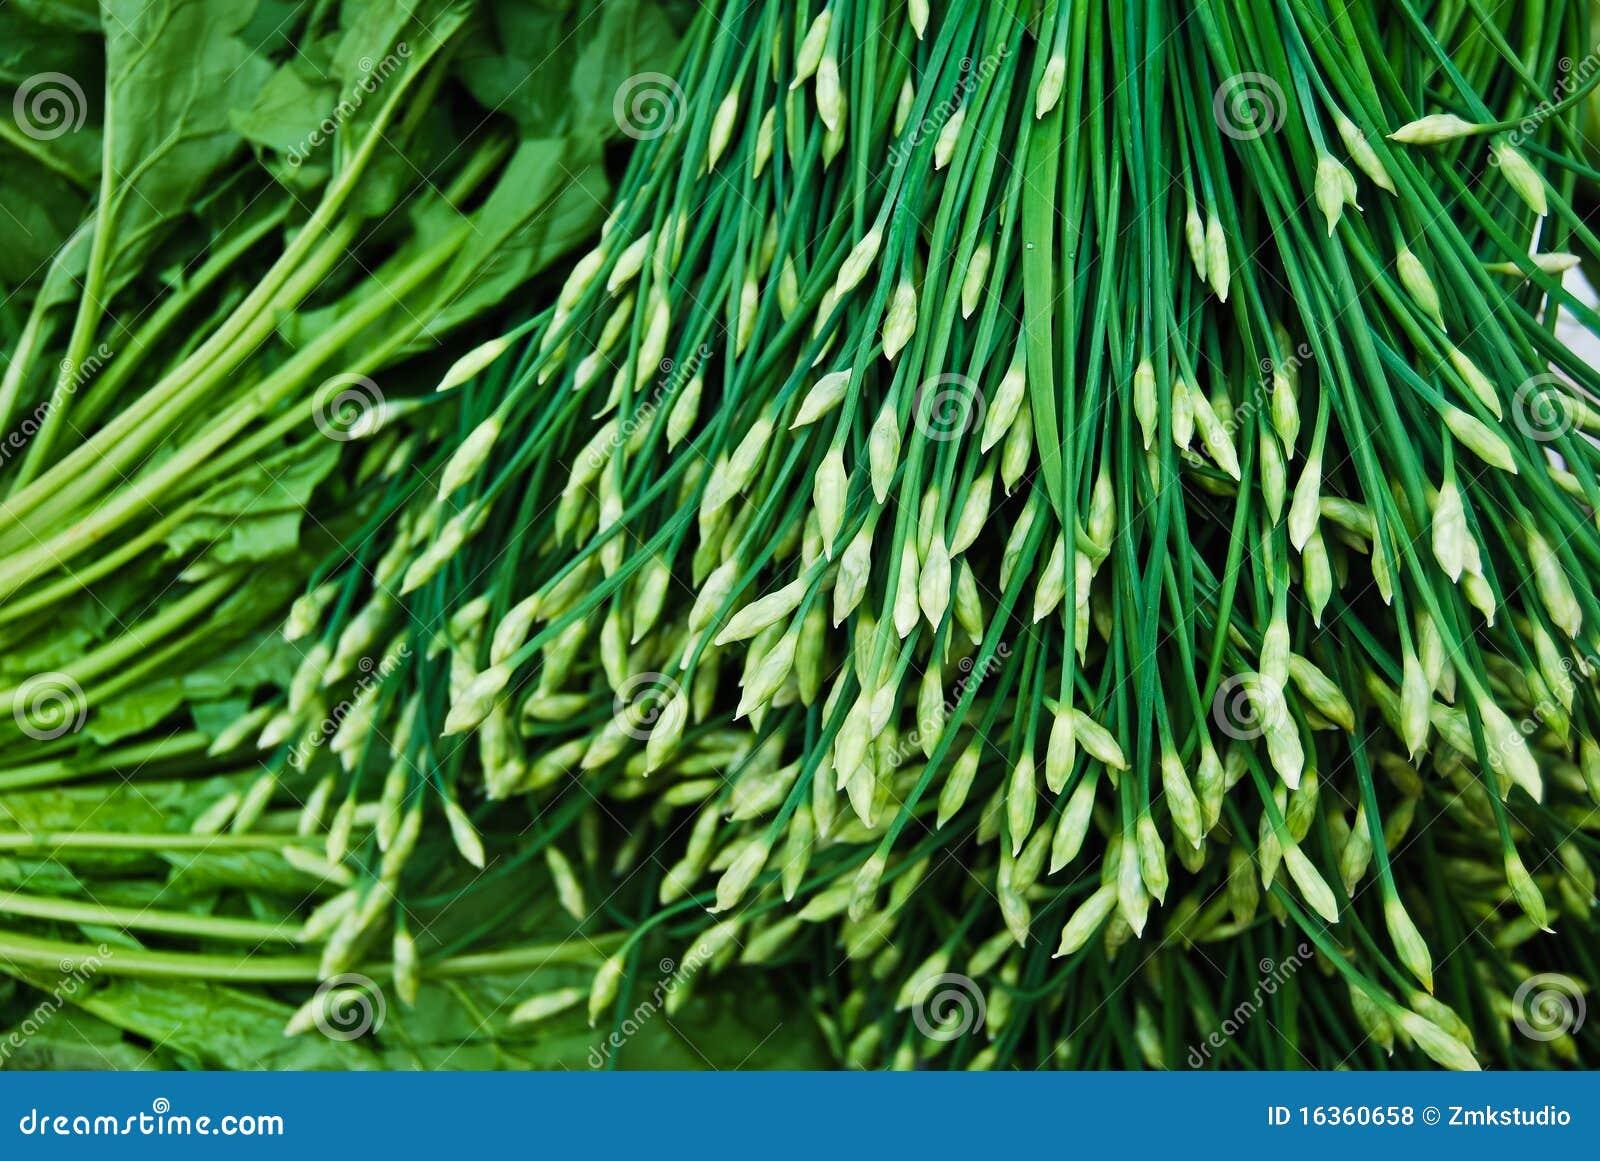 китайский свежий лук-порей много выходит на рынок